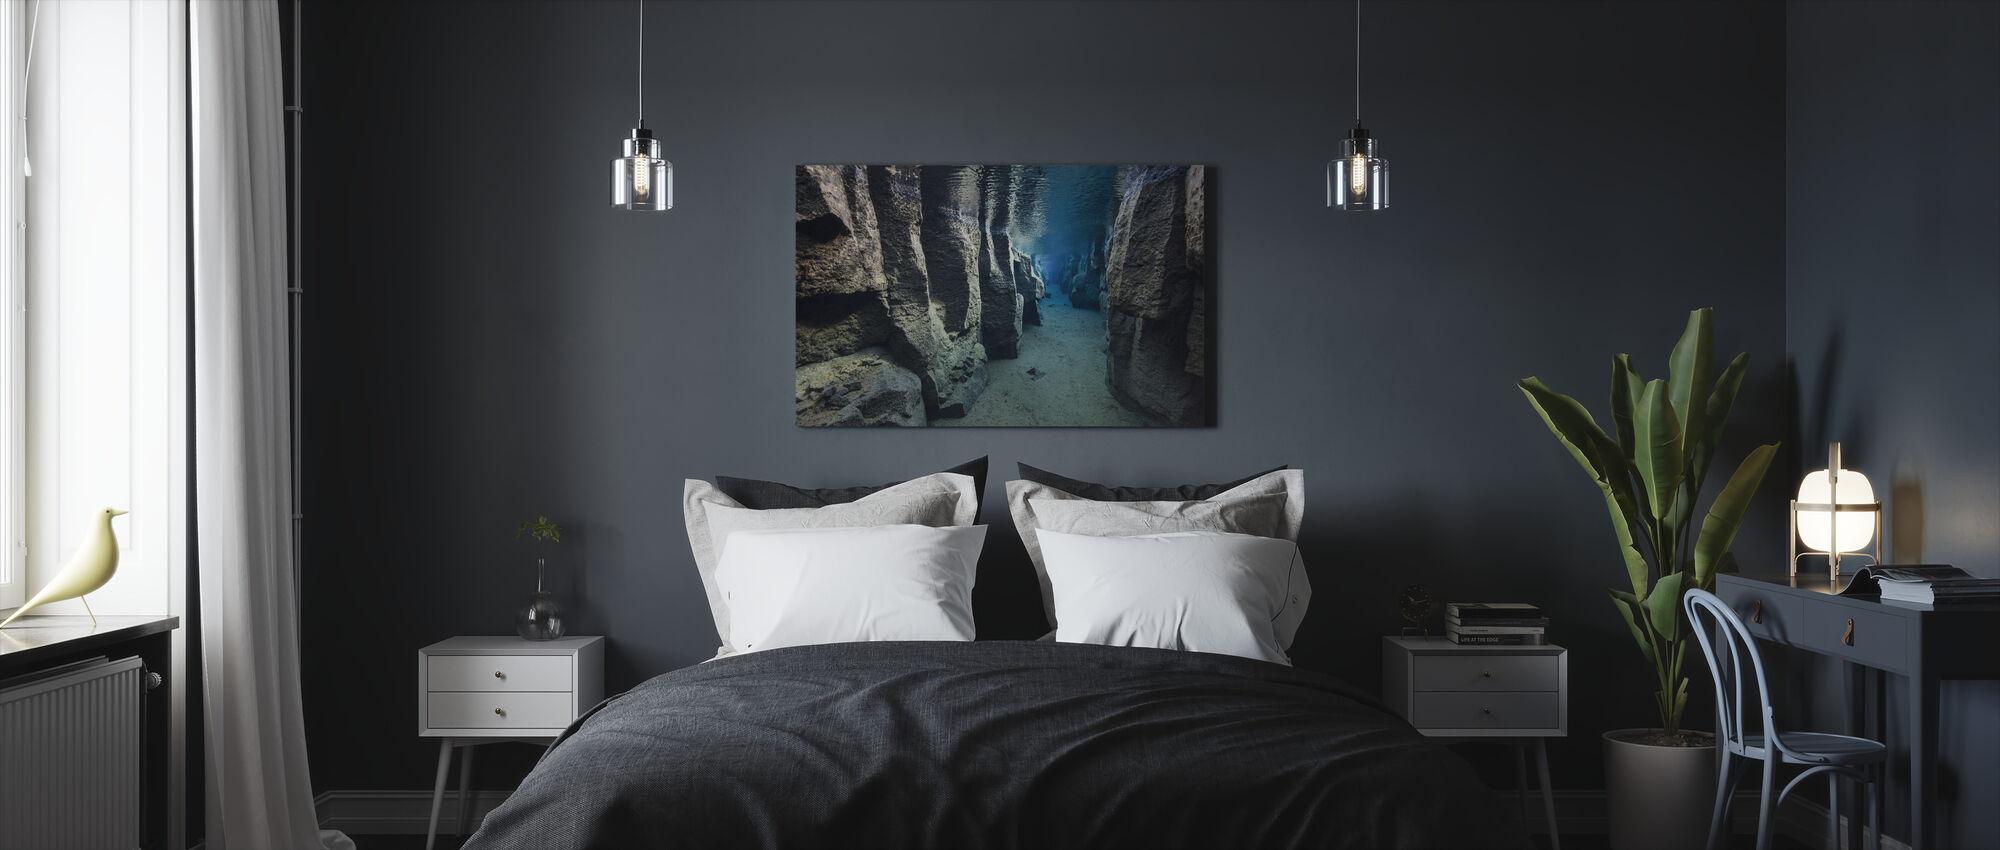 Rift Valley - Canvastavla - Sovrum